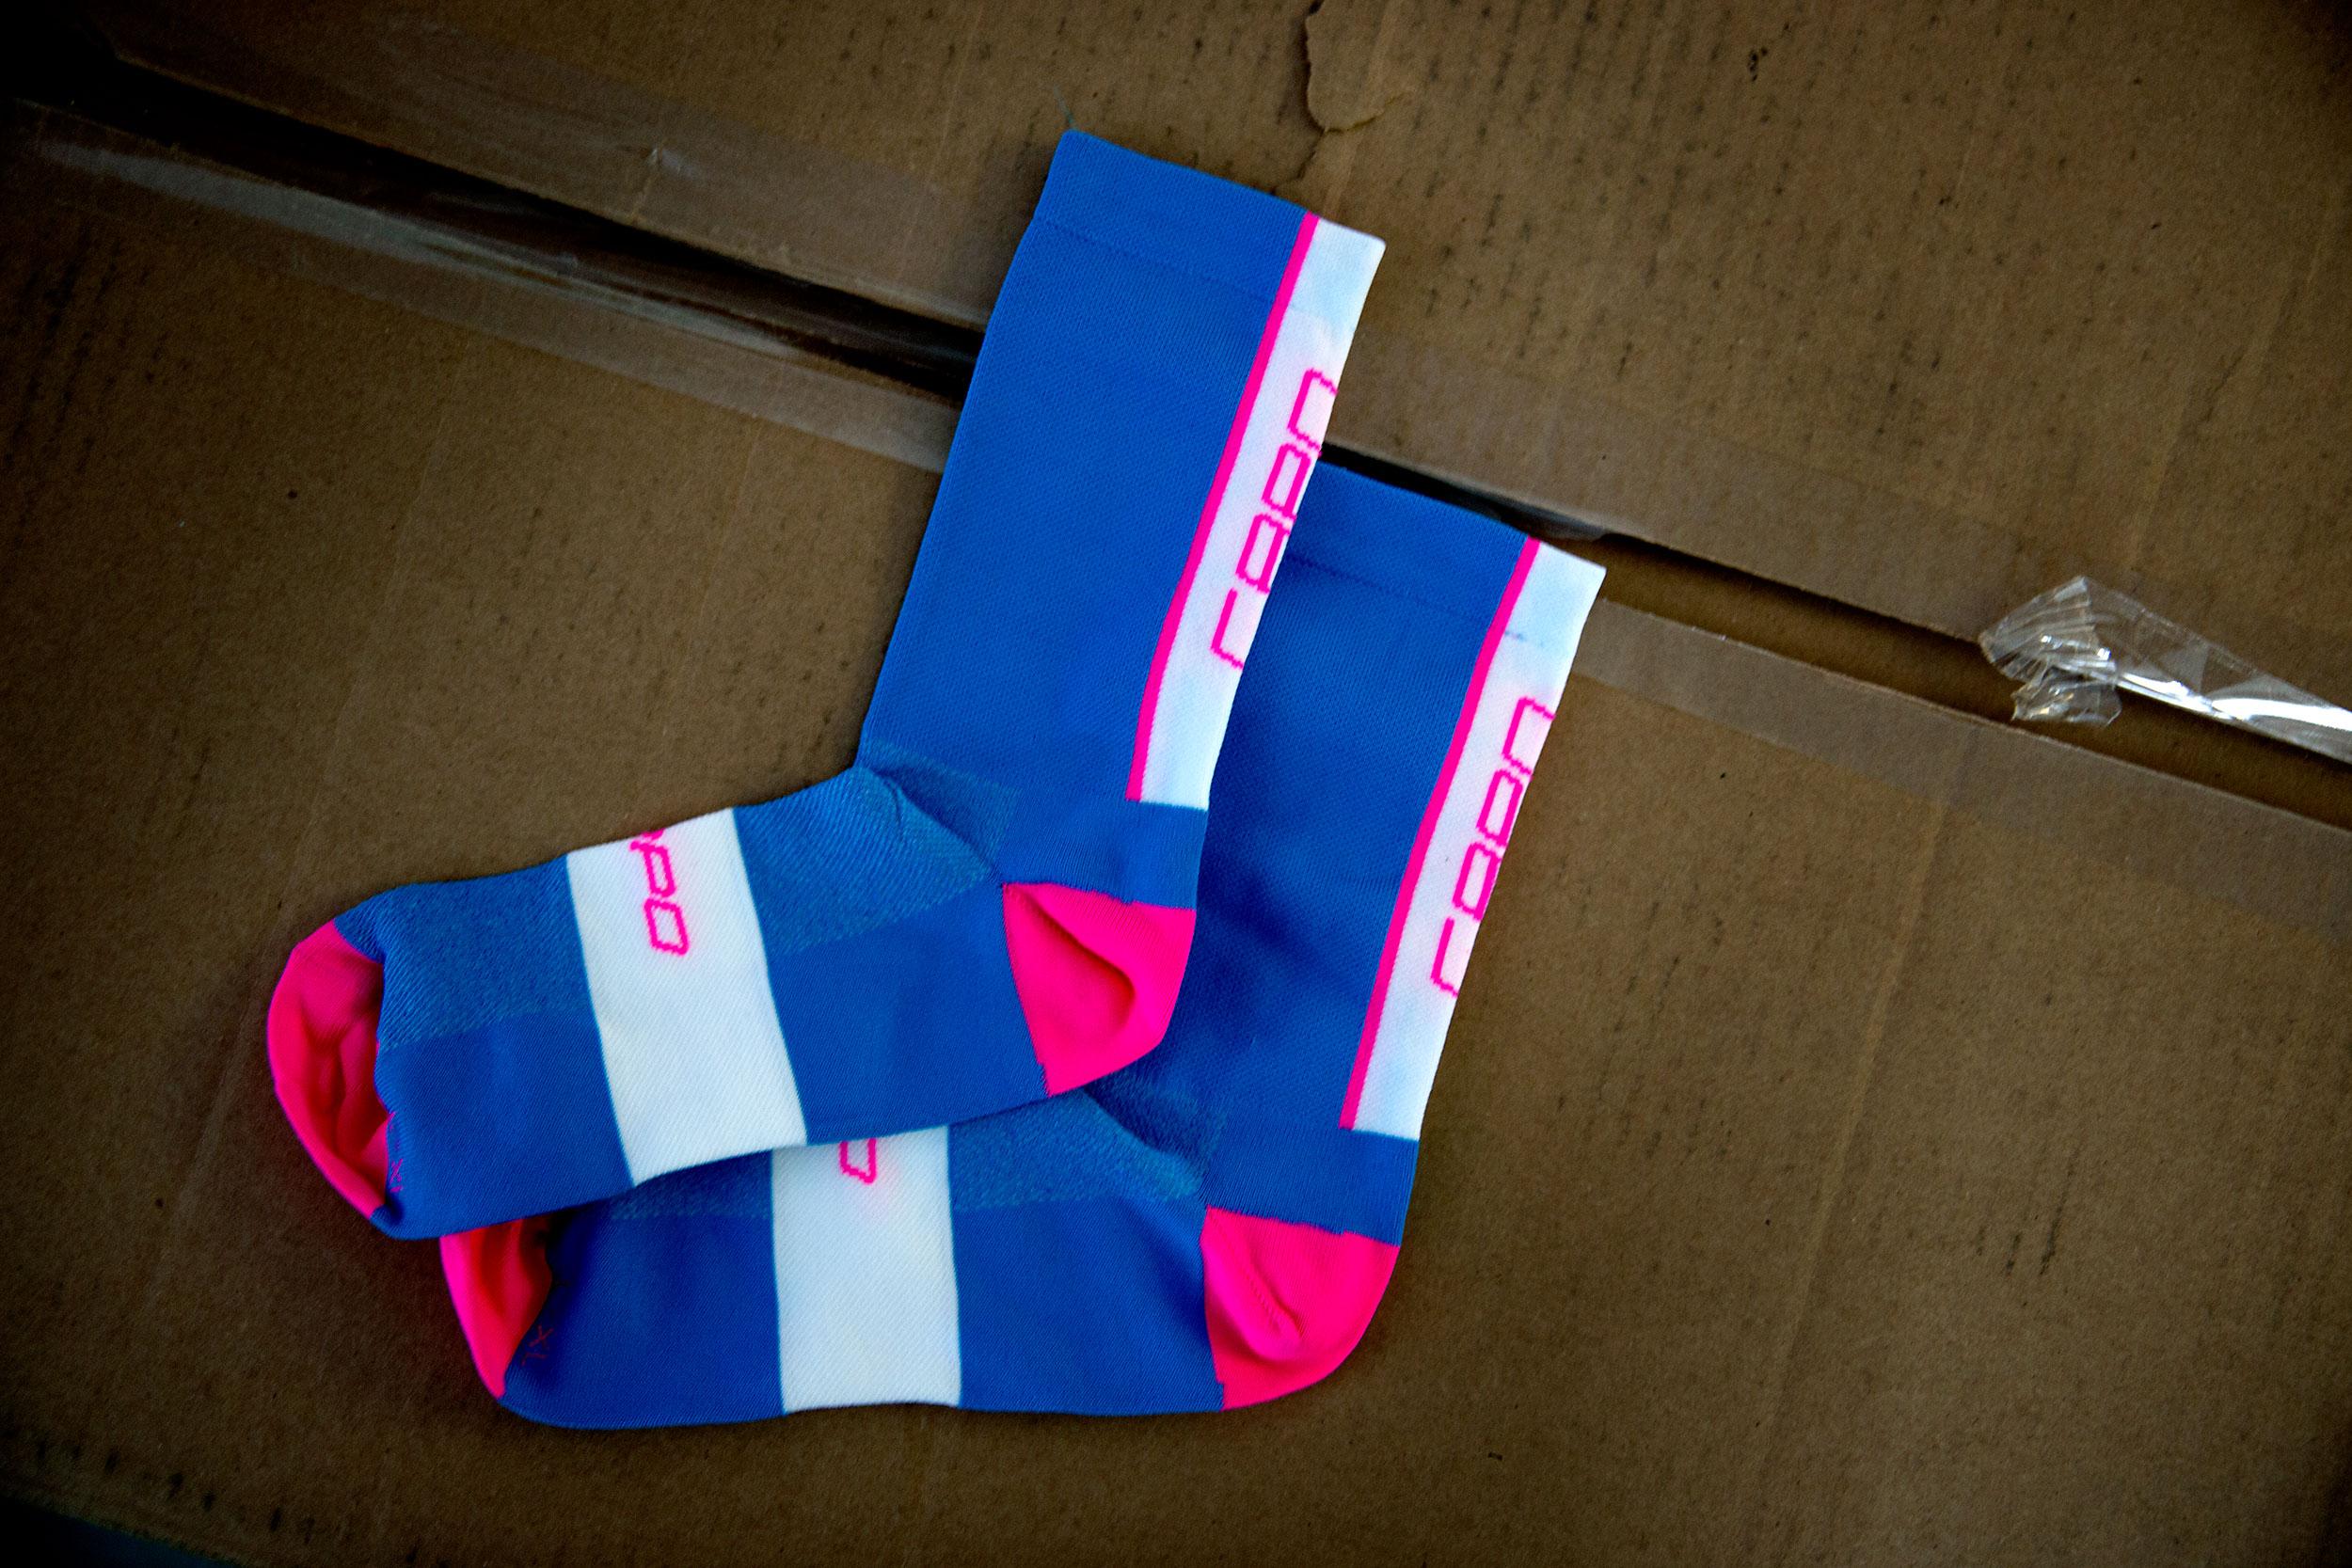 Capo Leggero SL socks